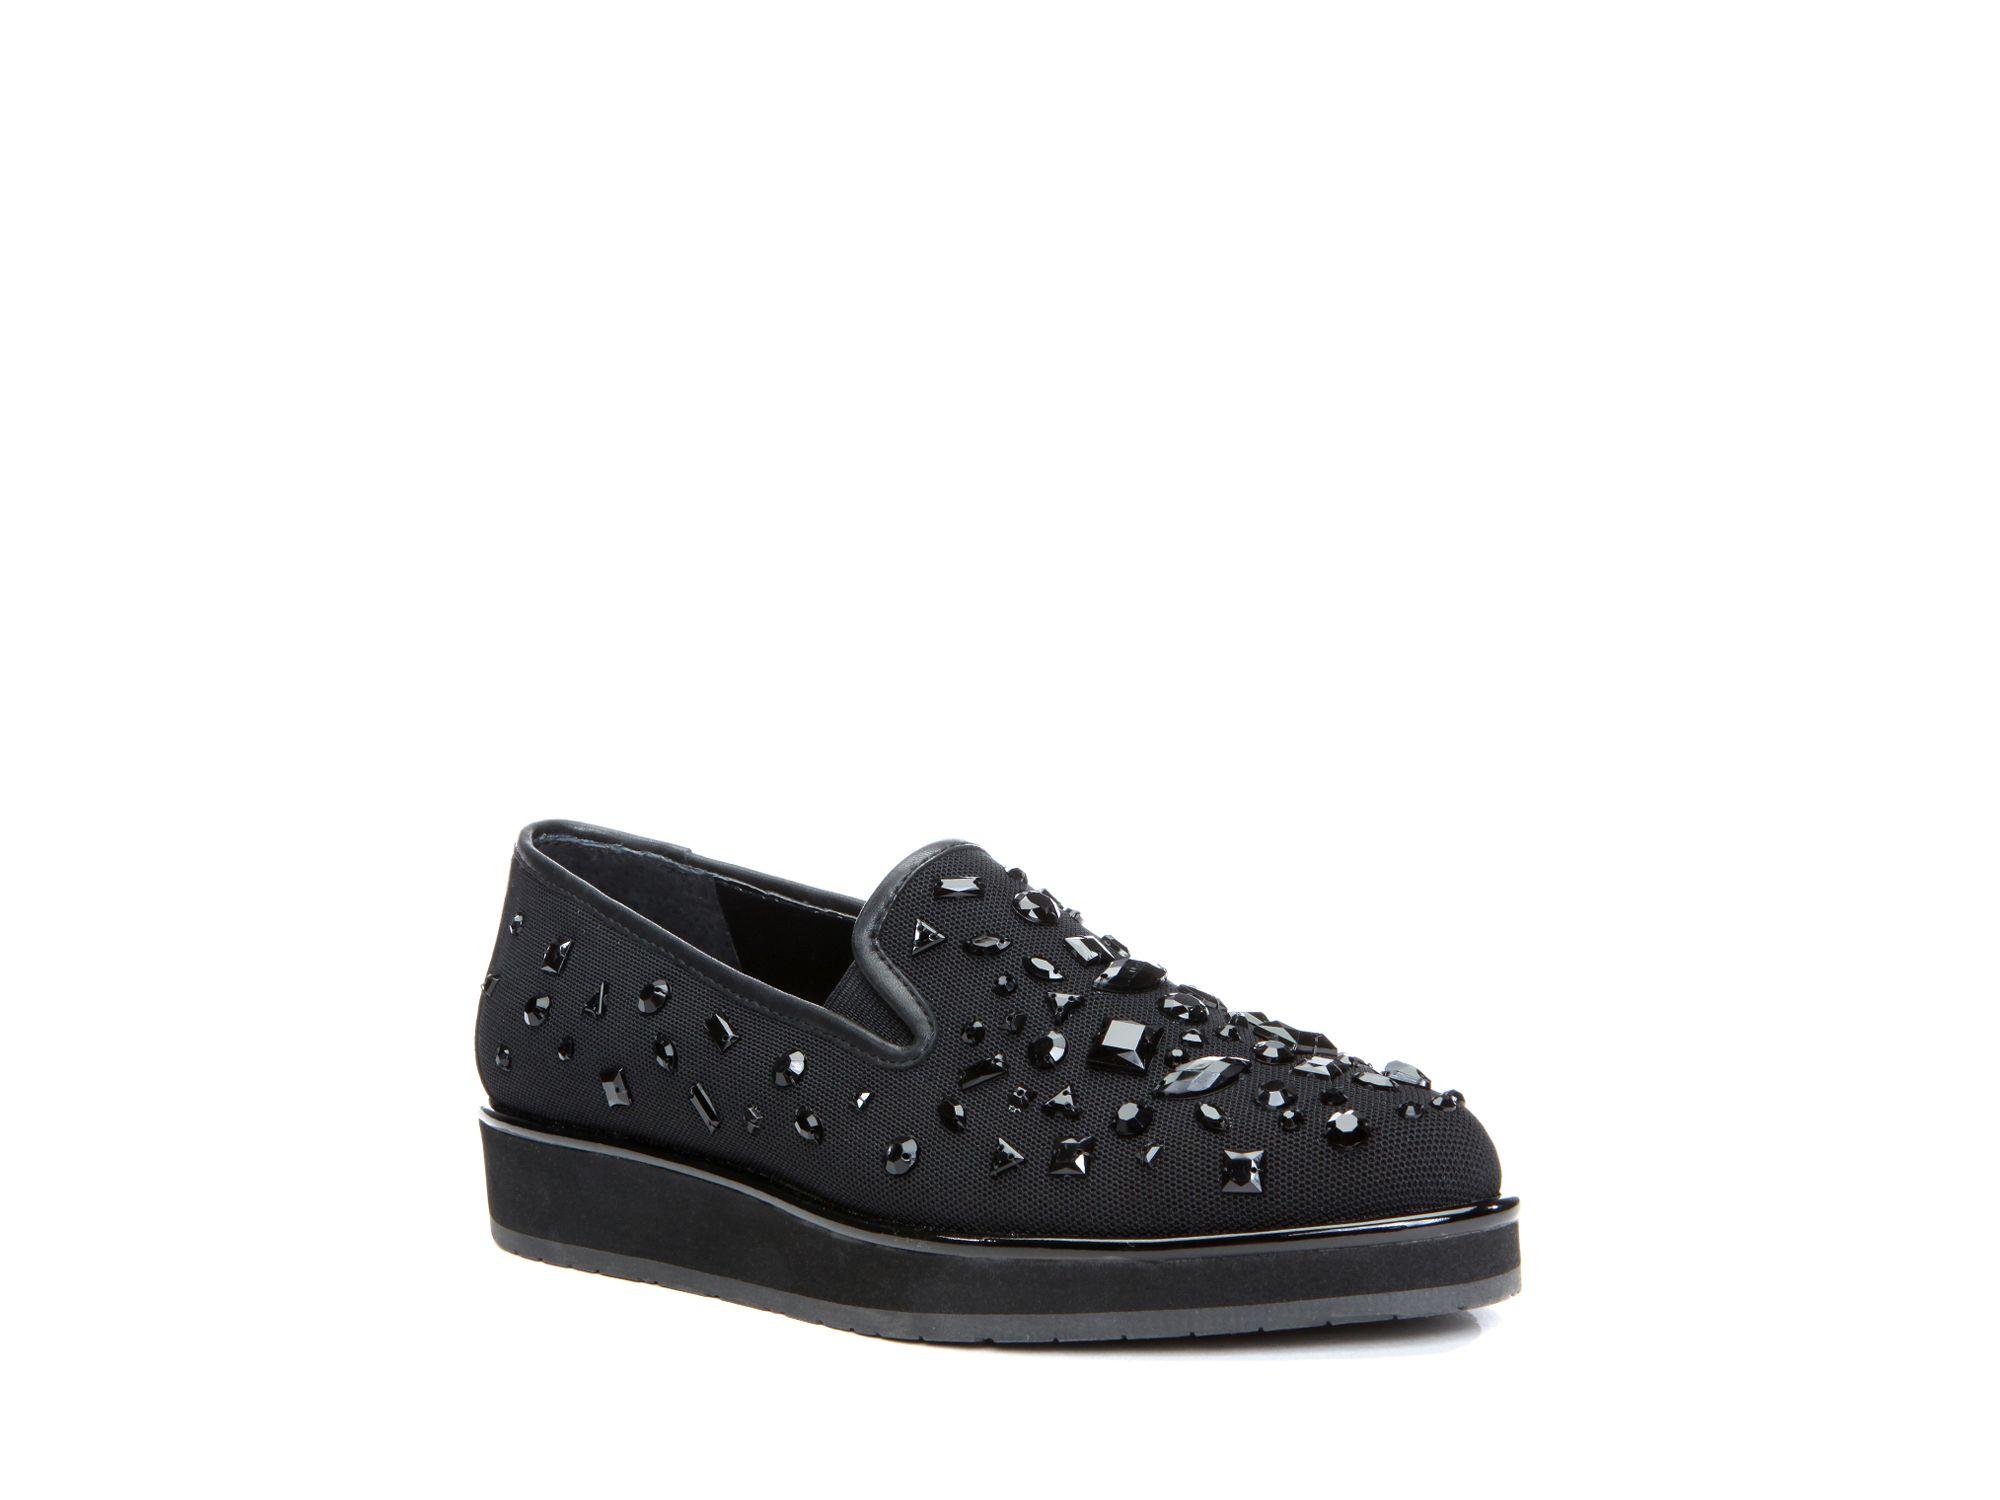 Donald J Pliner Betina Jeweled Slip On Sneakers in Black